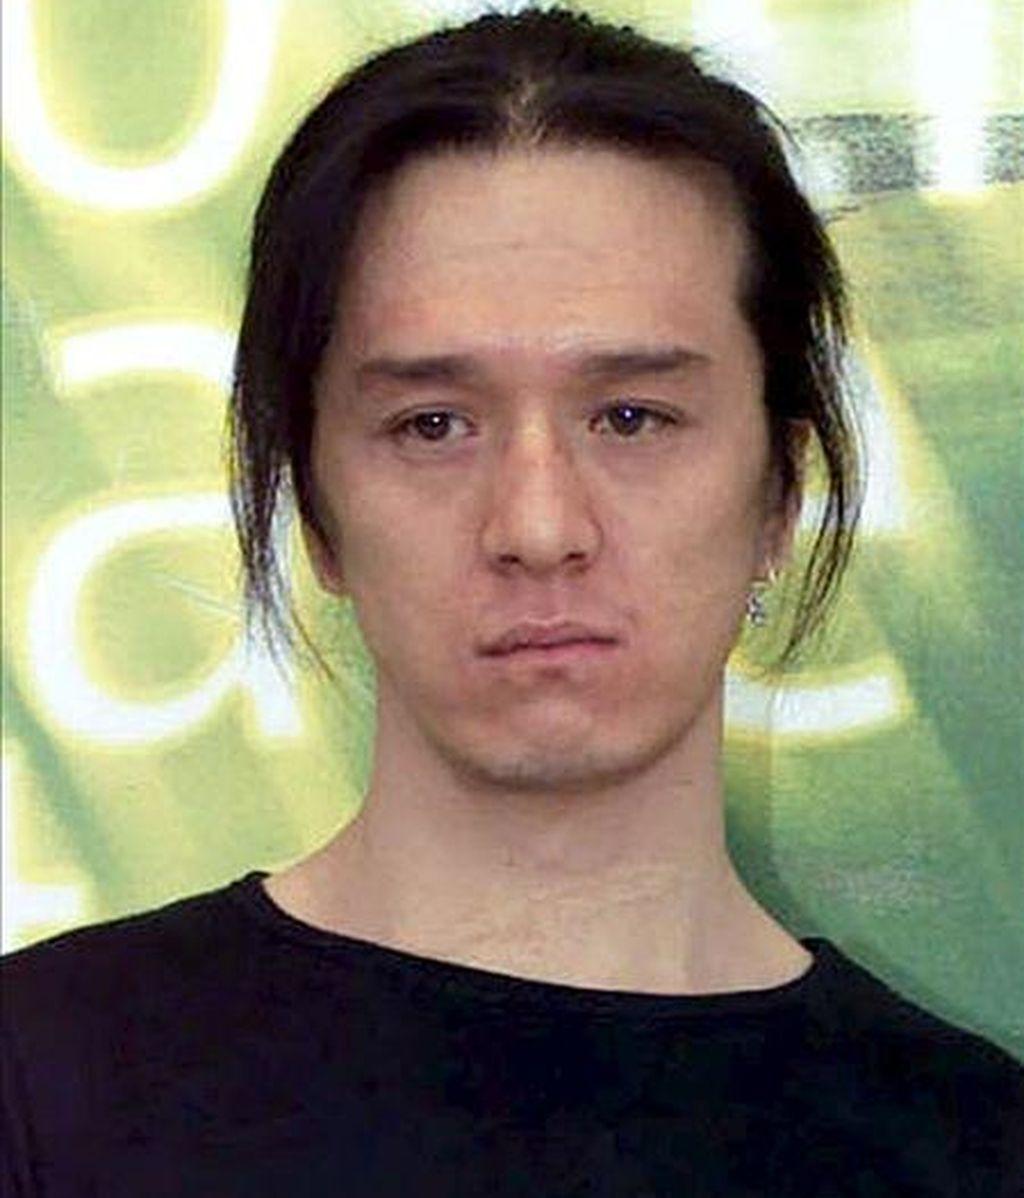 """Fotografía de archivo (4/9/2001) del actor chino Jian Hongsheng durante la presentación de la película """"Quitting"""" en el Festival de Cine de Venecia. Jia Hongsheng , célebre en los años 90 por protagonizar películas como """"Río Suzhou"""" o """"Quitting"""", falleció al caer de lo alto de un edificio en Pekín, en un suceso en el que la Policía baraja la posibilidad de un suicidio. EFE"""